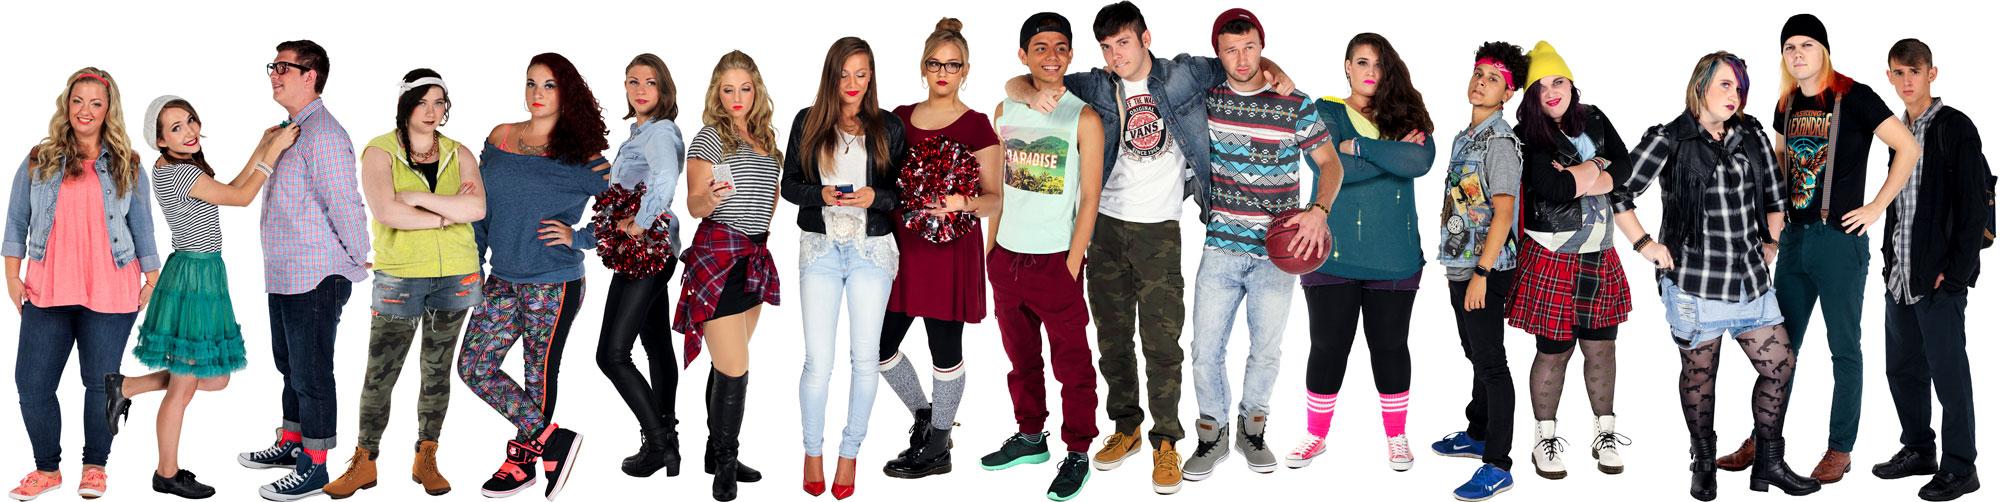 speak-life-musical-cast-stop-bullying